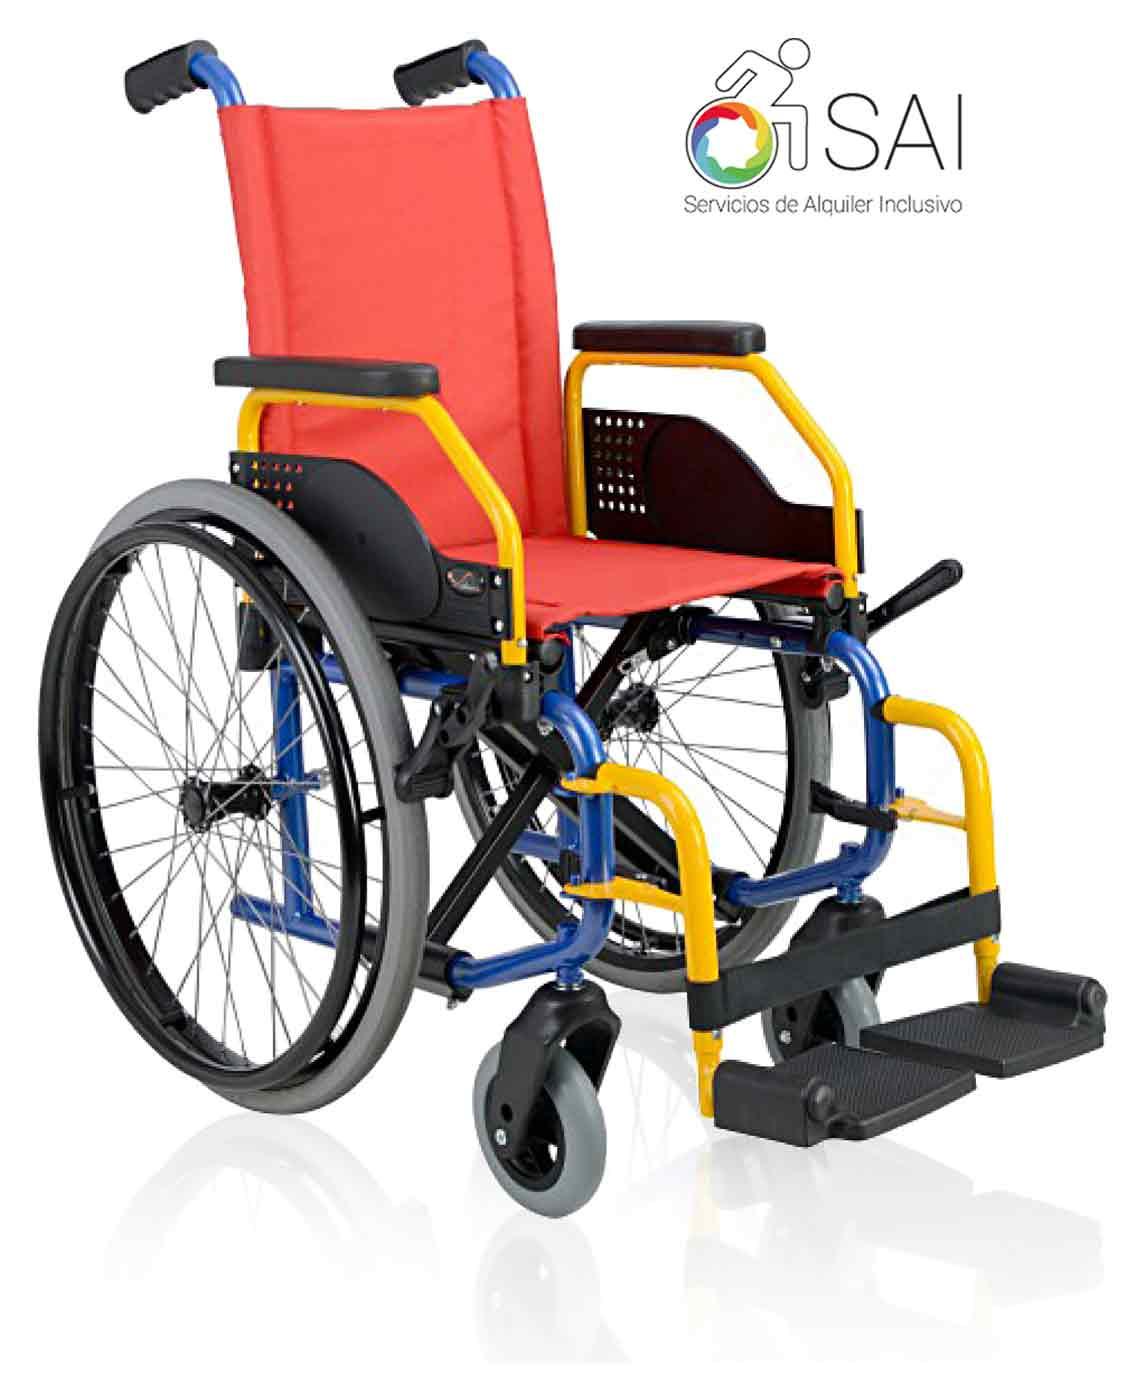 Servicios alquiler inclusivo barcelona alquiler de sillas de ruedas en barcelona - Alquiler silla de ruedas barcelona ...